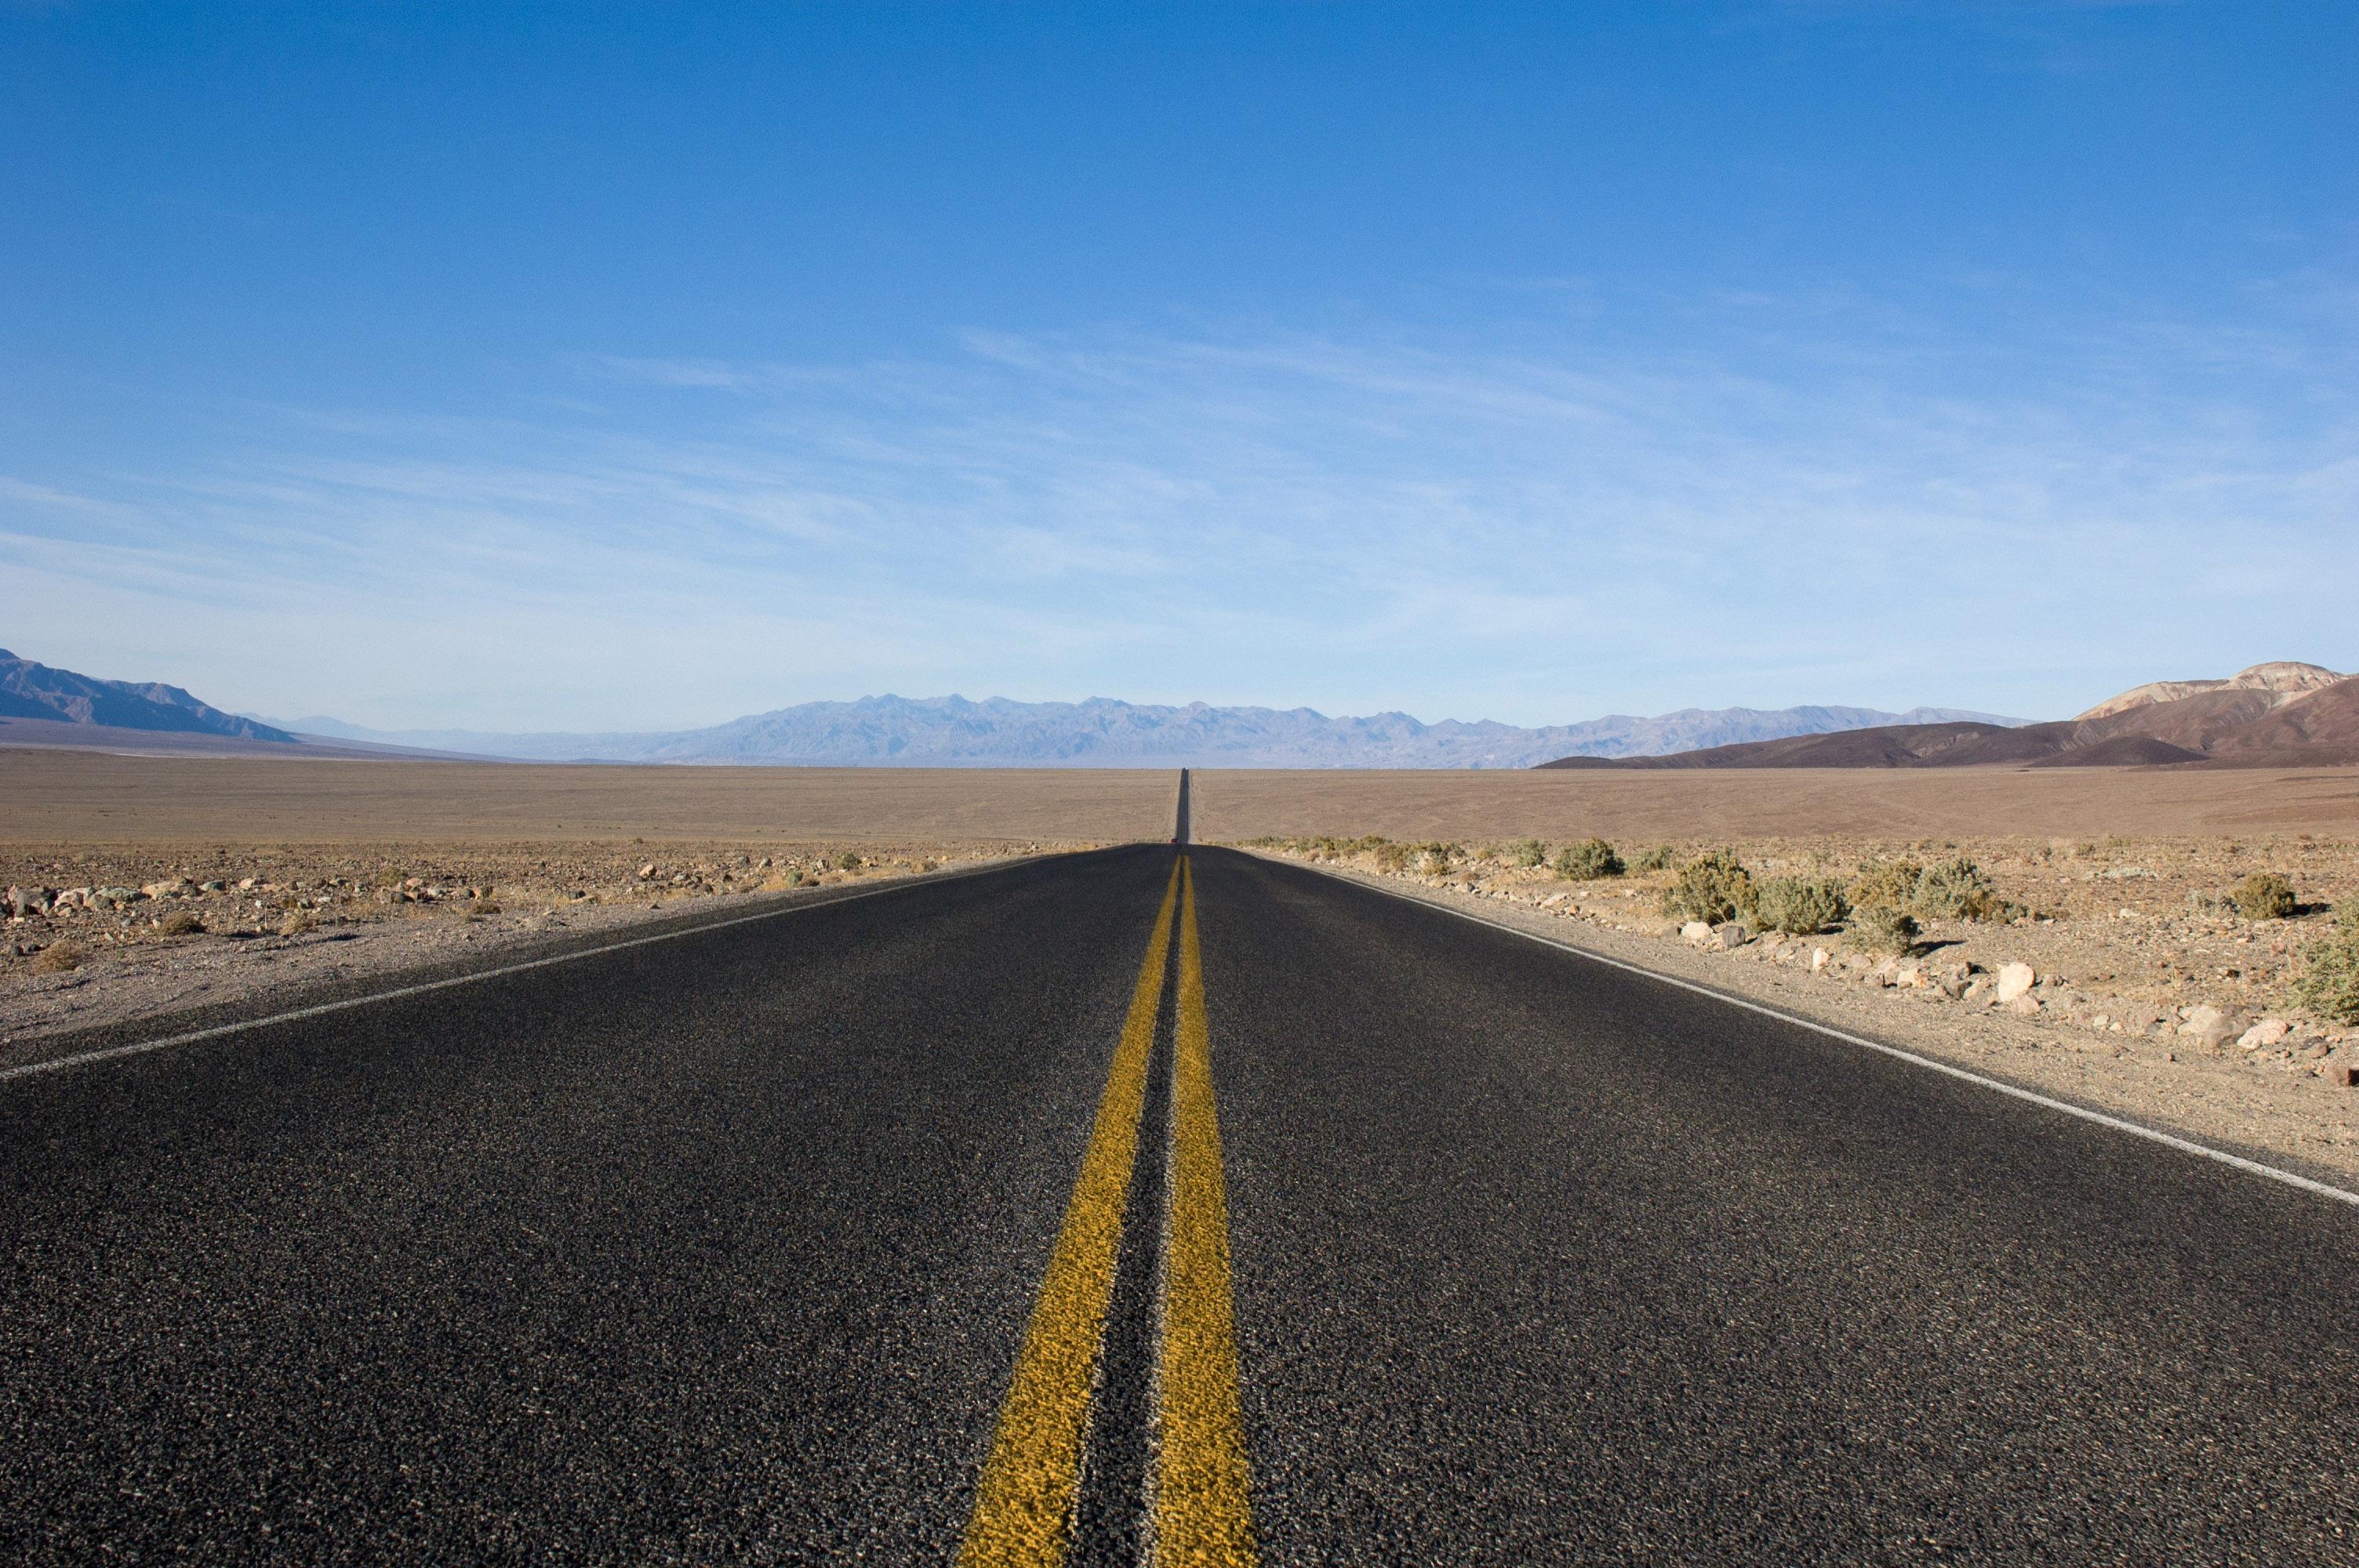 Death Valley National Park, United States - Salvatore Ventura